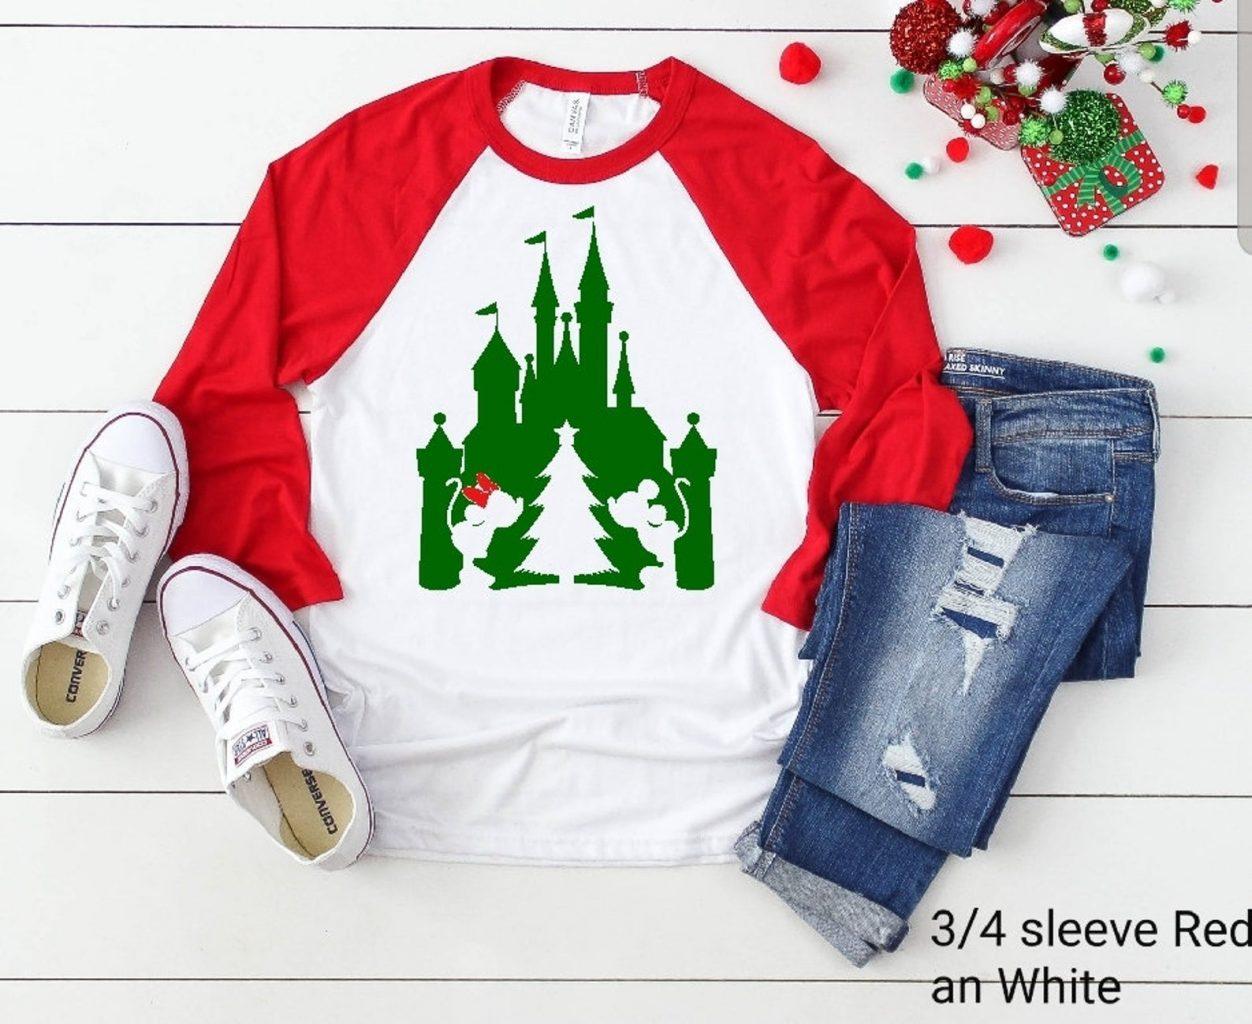 Disney Christmas Shirt Designs.15 Festive And Hilarious Disney Christmas Shirts Disney